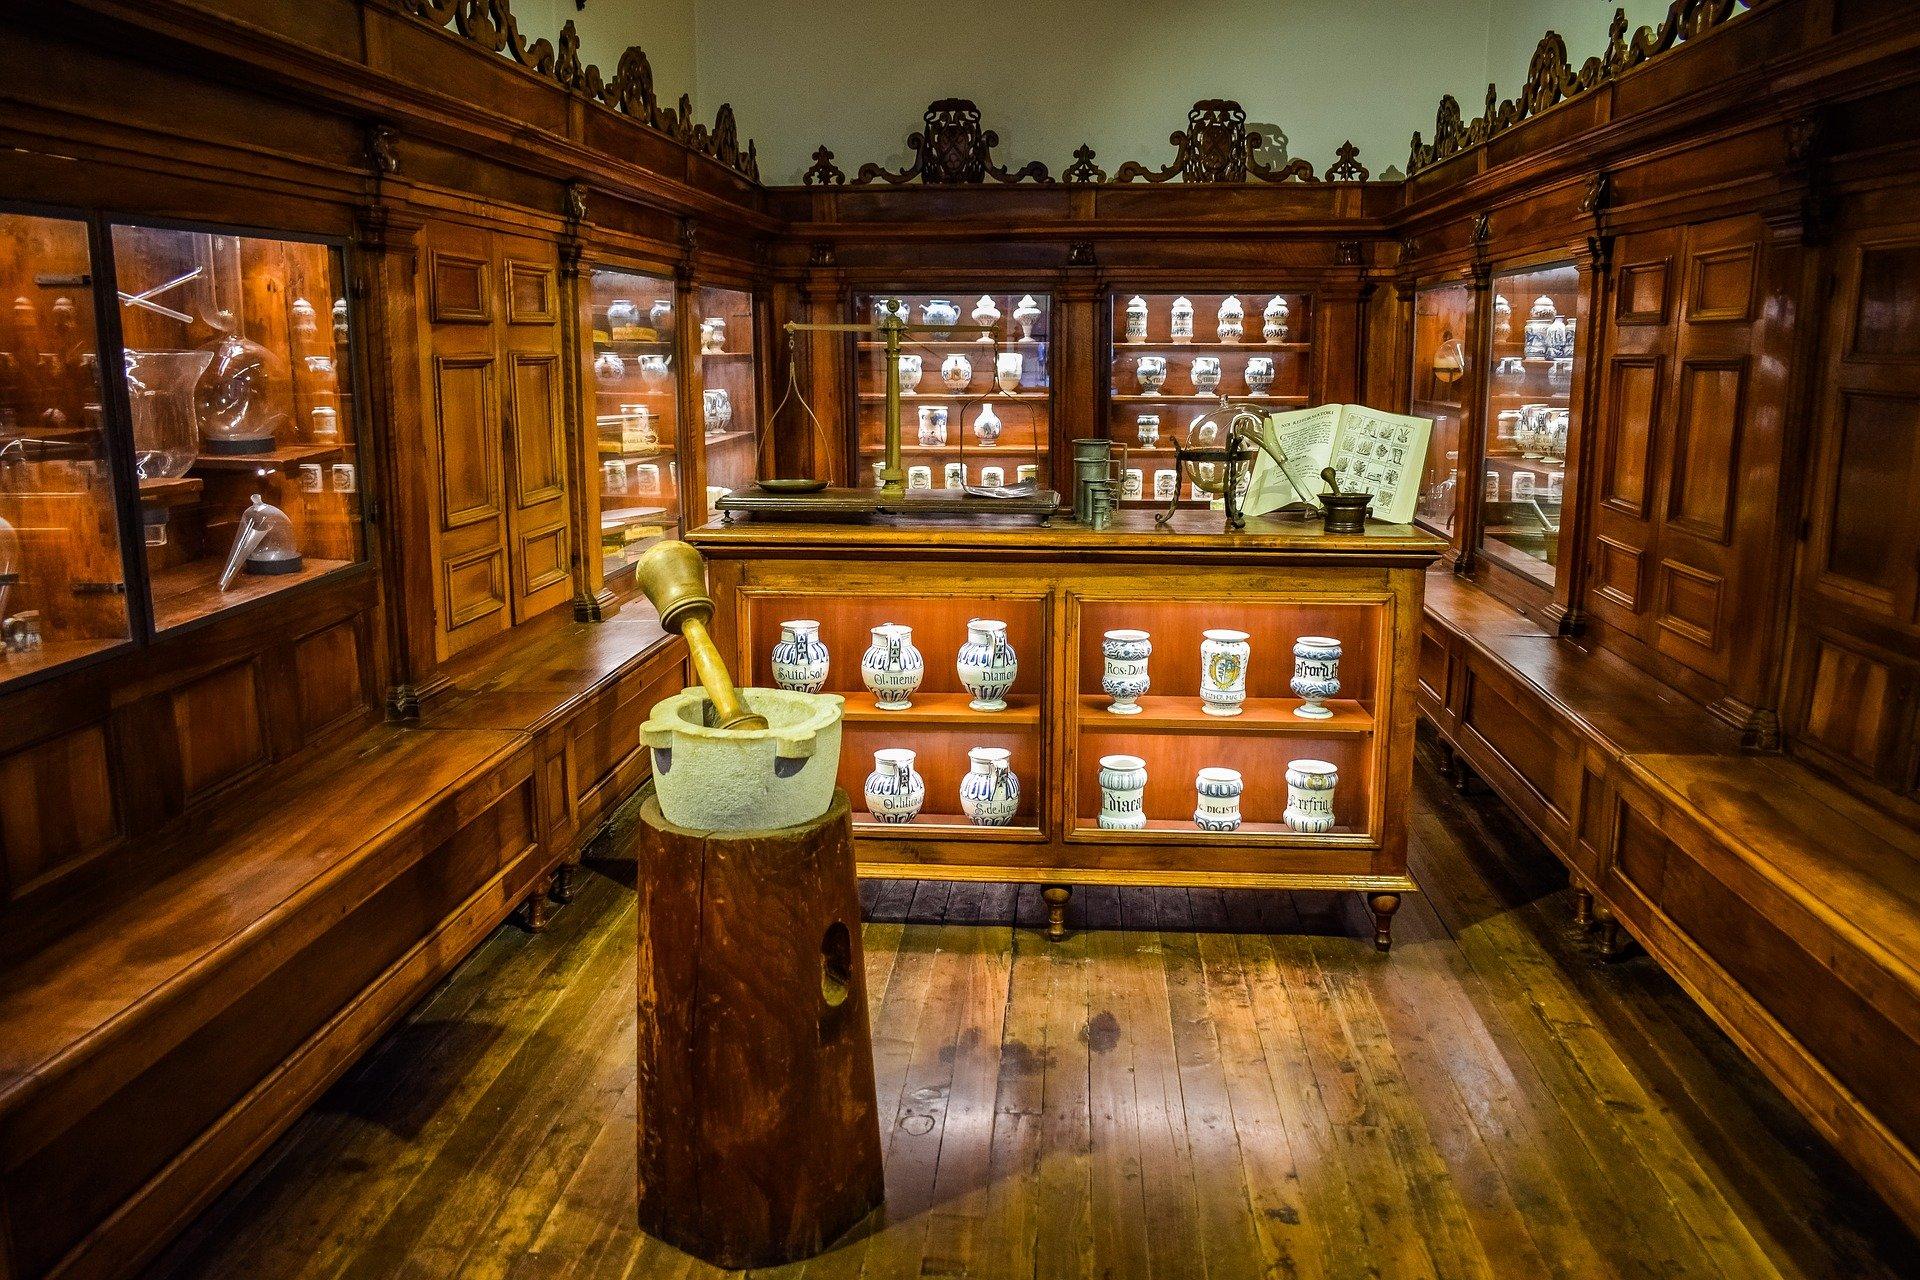 medicinali da portare in valigia farmacia medicine - Medicinali da portare in viaggio: la lista completa